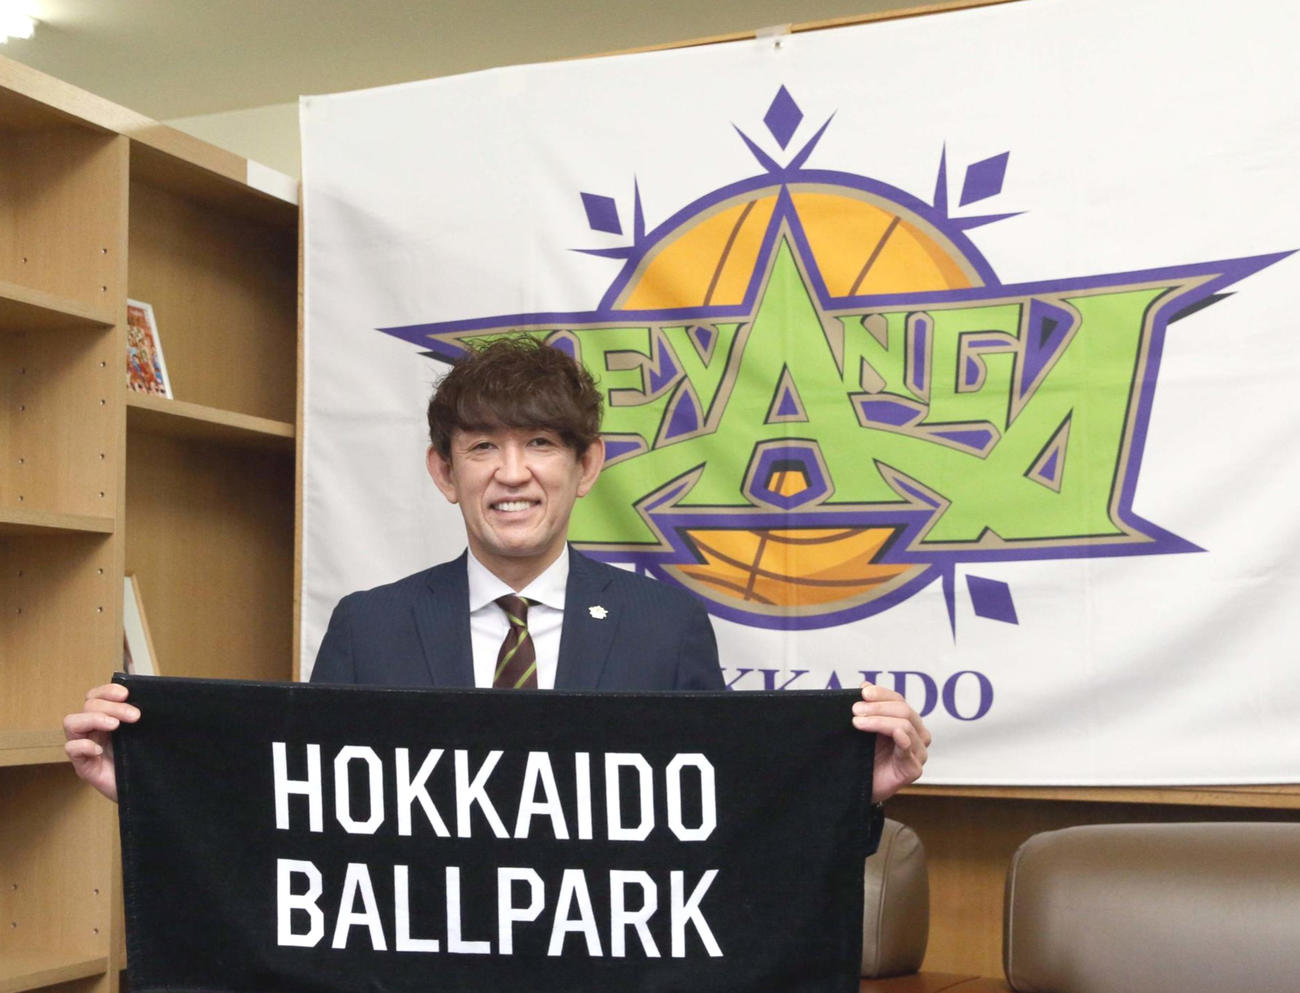 日本ハムのボールパークが印字されたタオルを持ち撮影に応じるレバンガ北海道折茂社長(撮影・佐藤翔太)